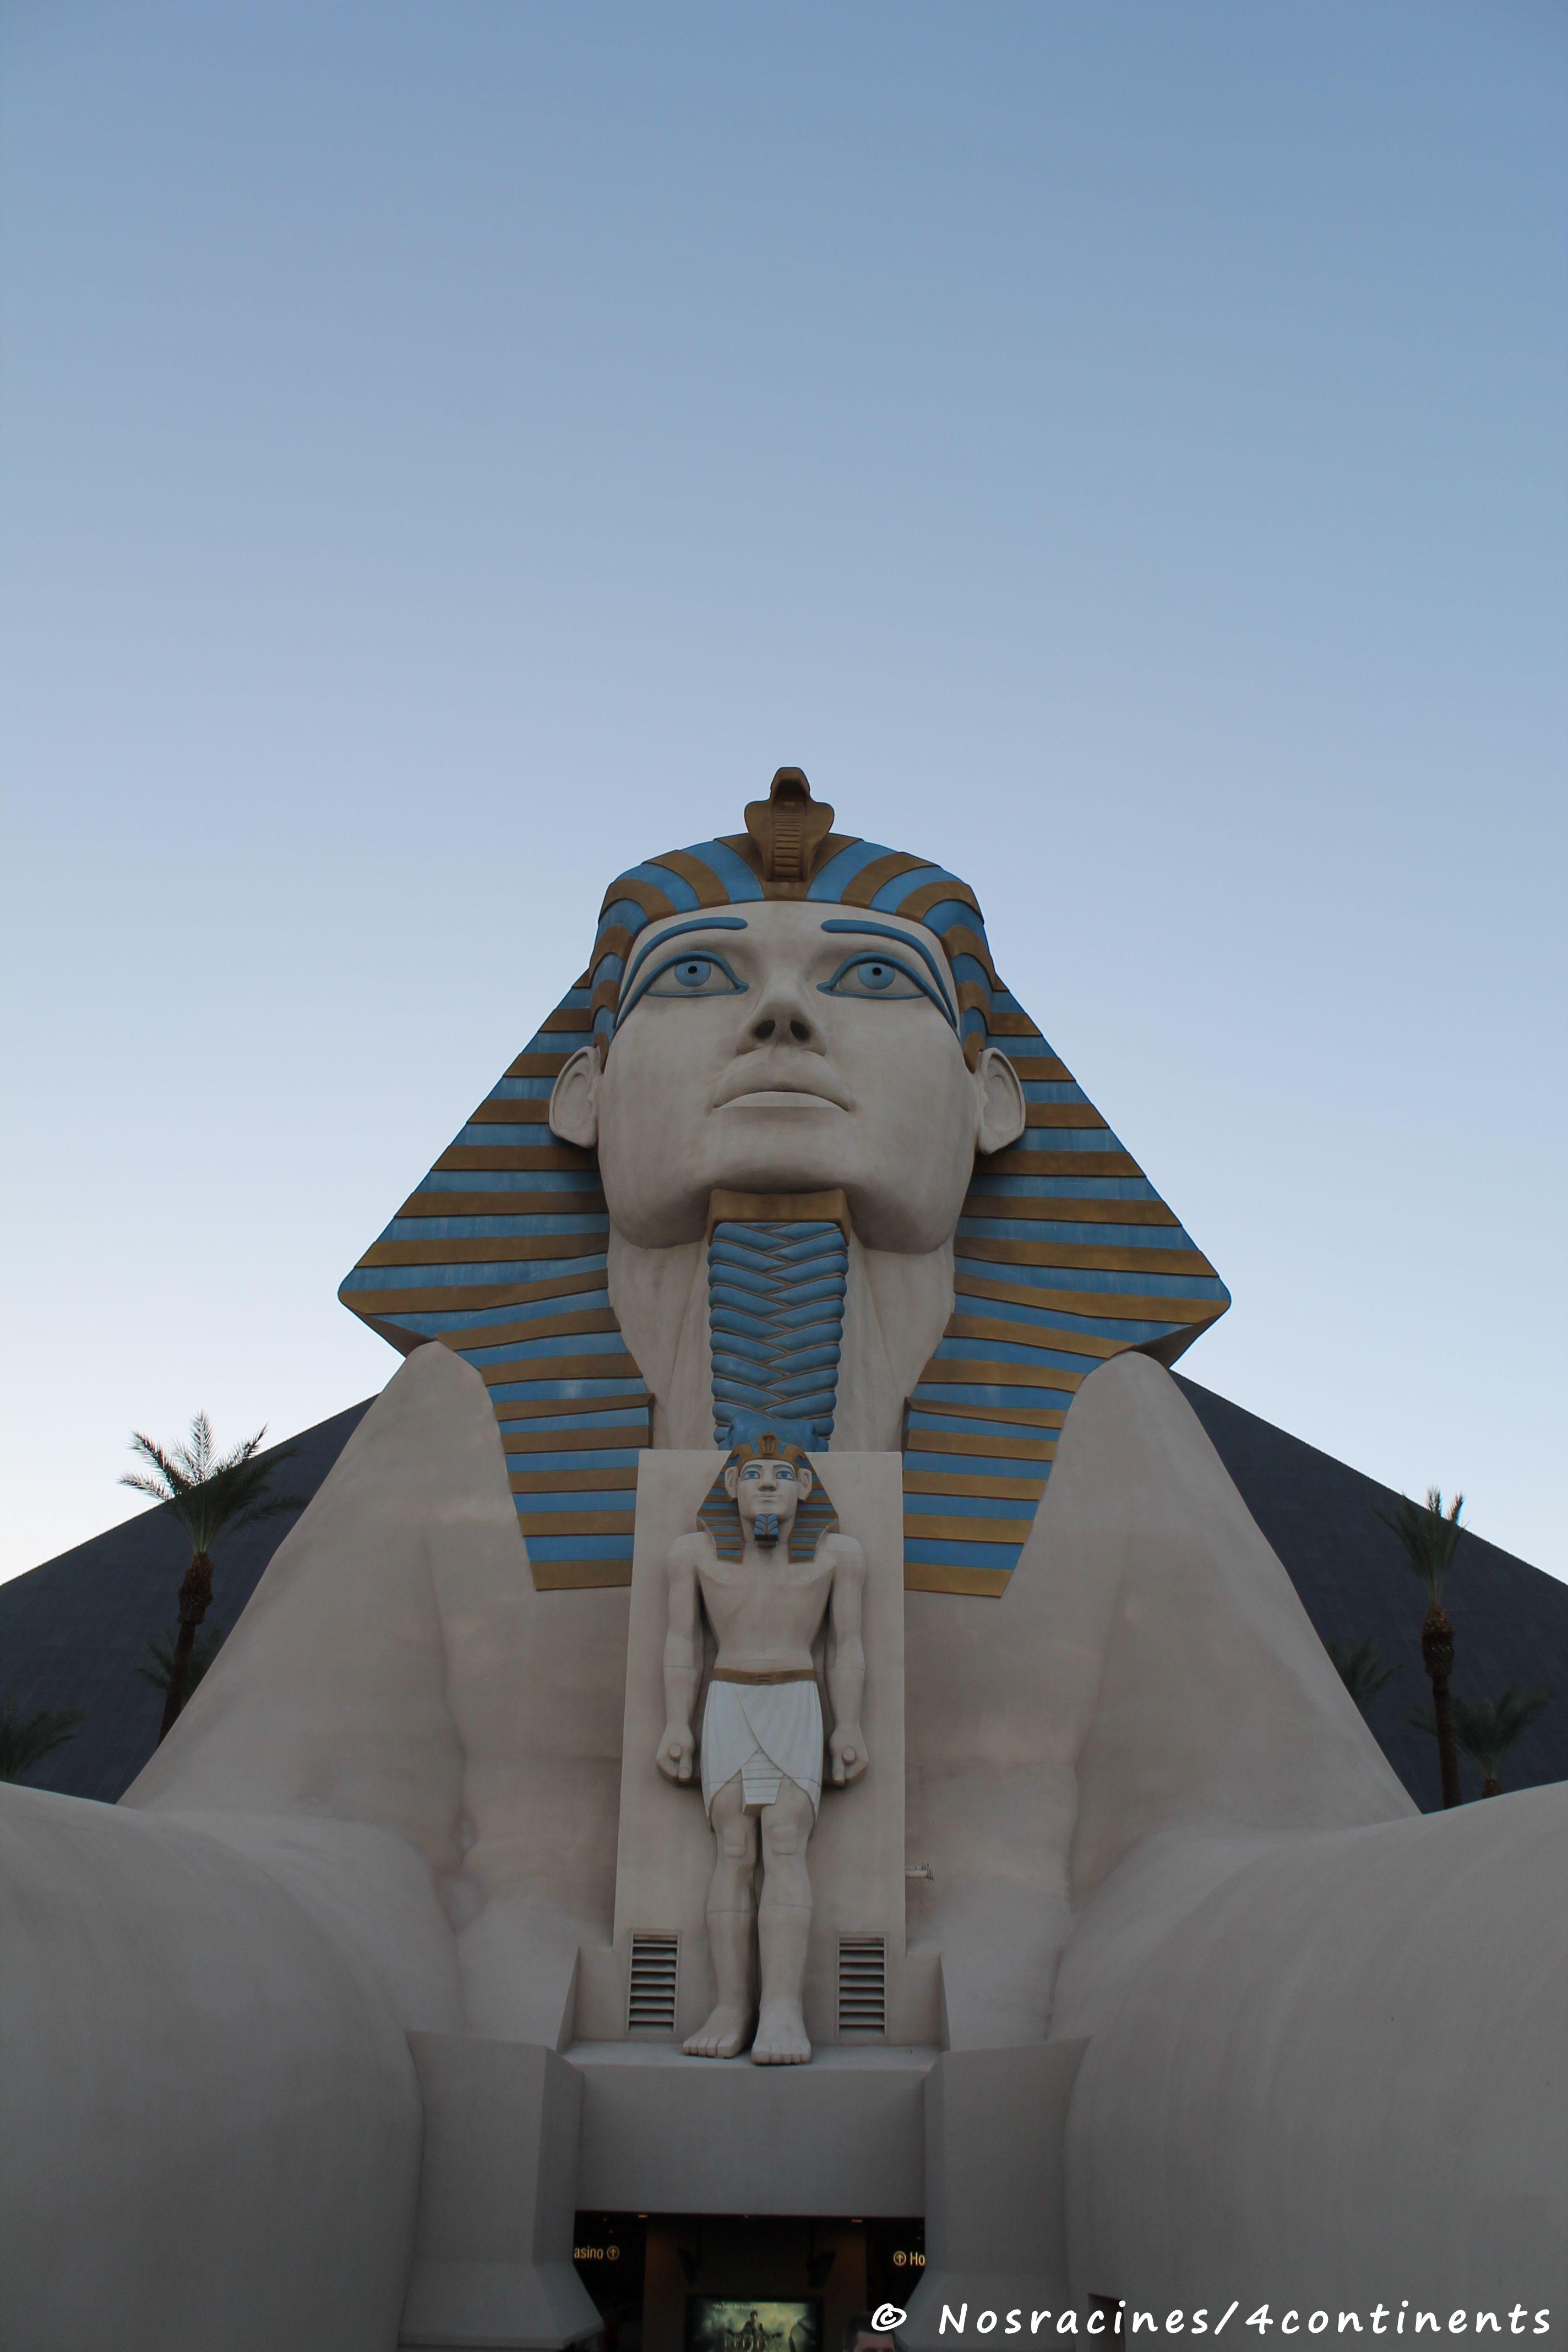 Las Vegas entre architecture extravagante et monuments historiques  Nos Racines sur 4 Continents